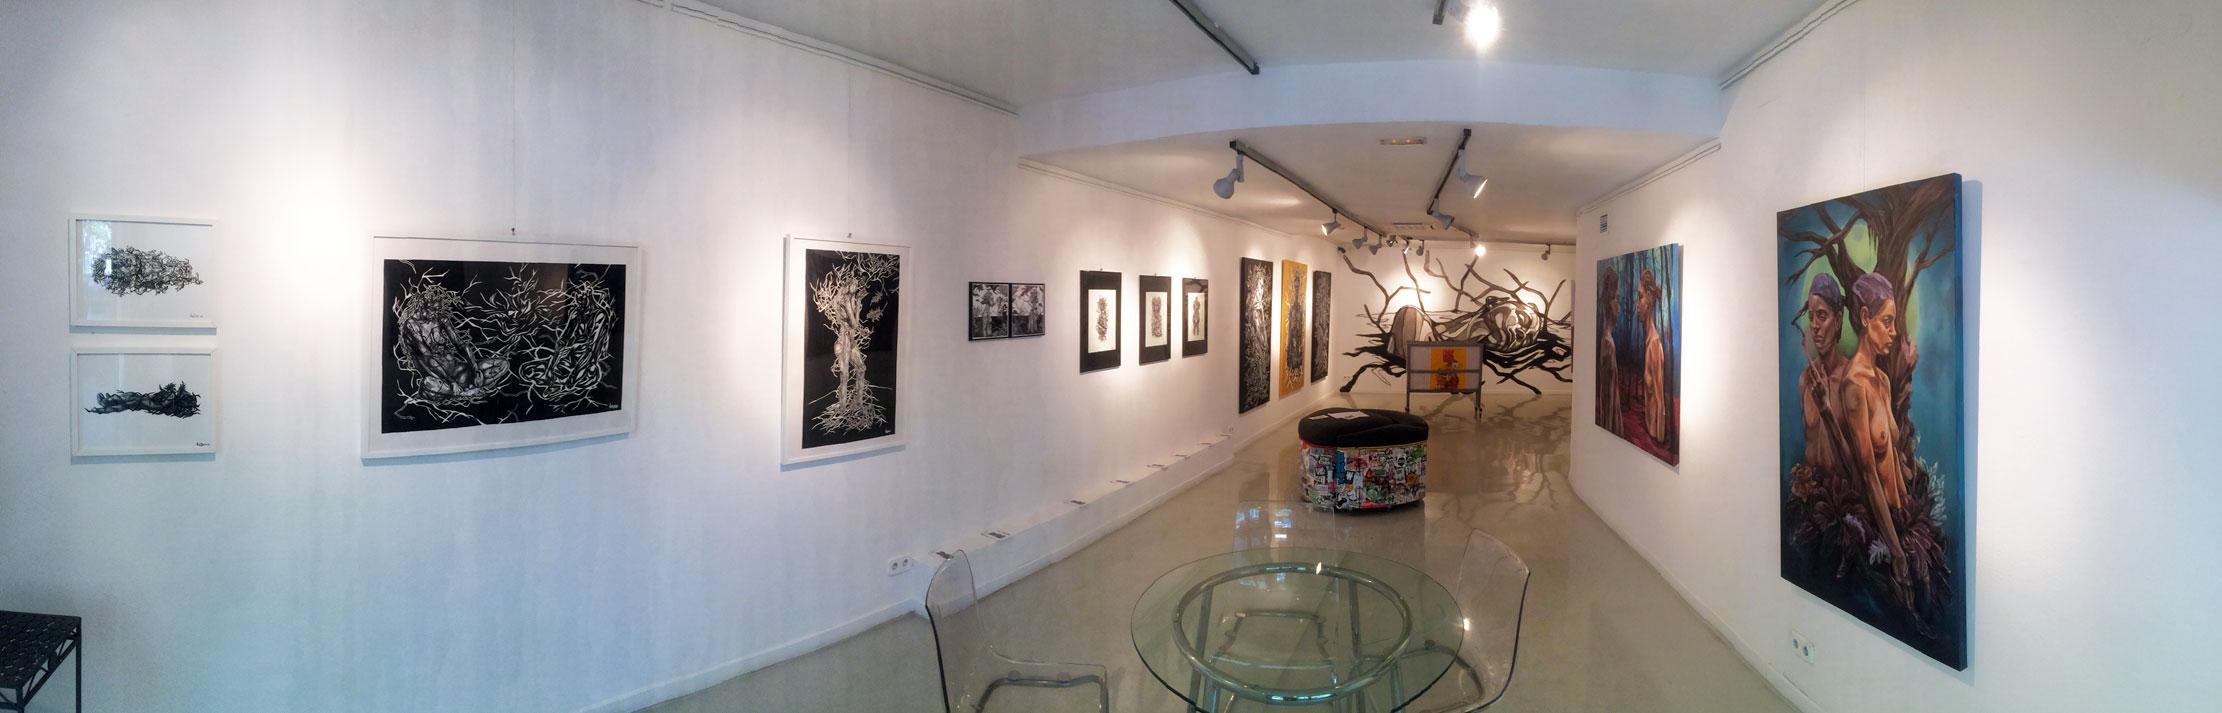 Resultado de imagen de Montana gallery barcelona